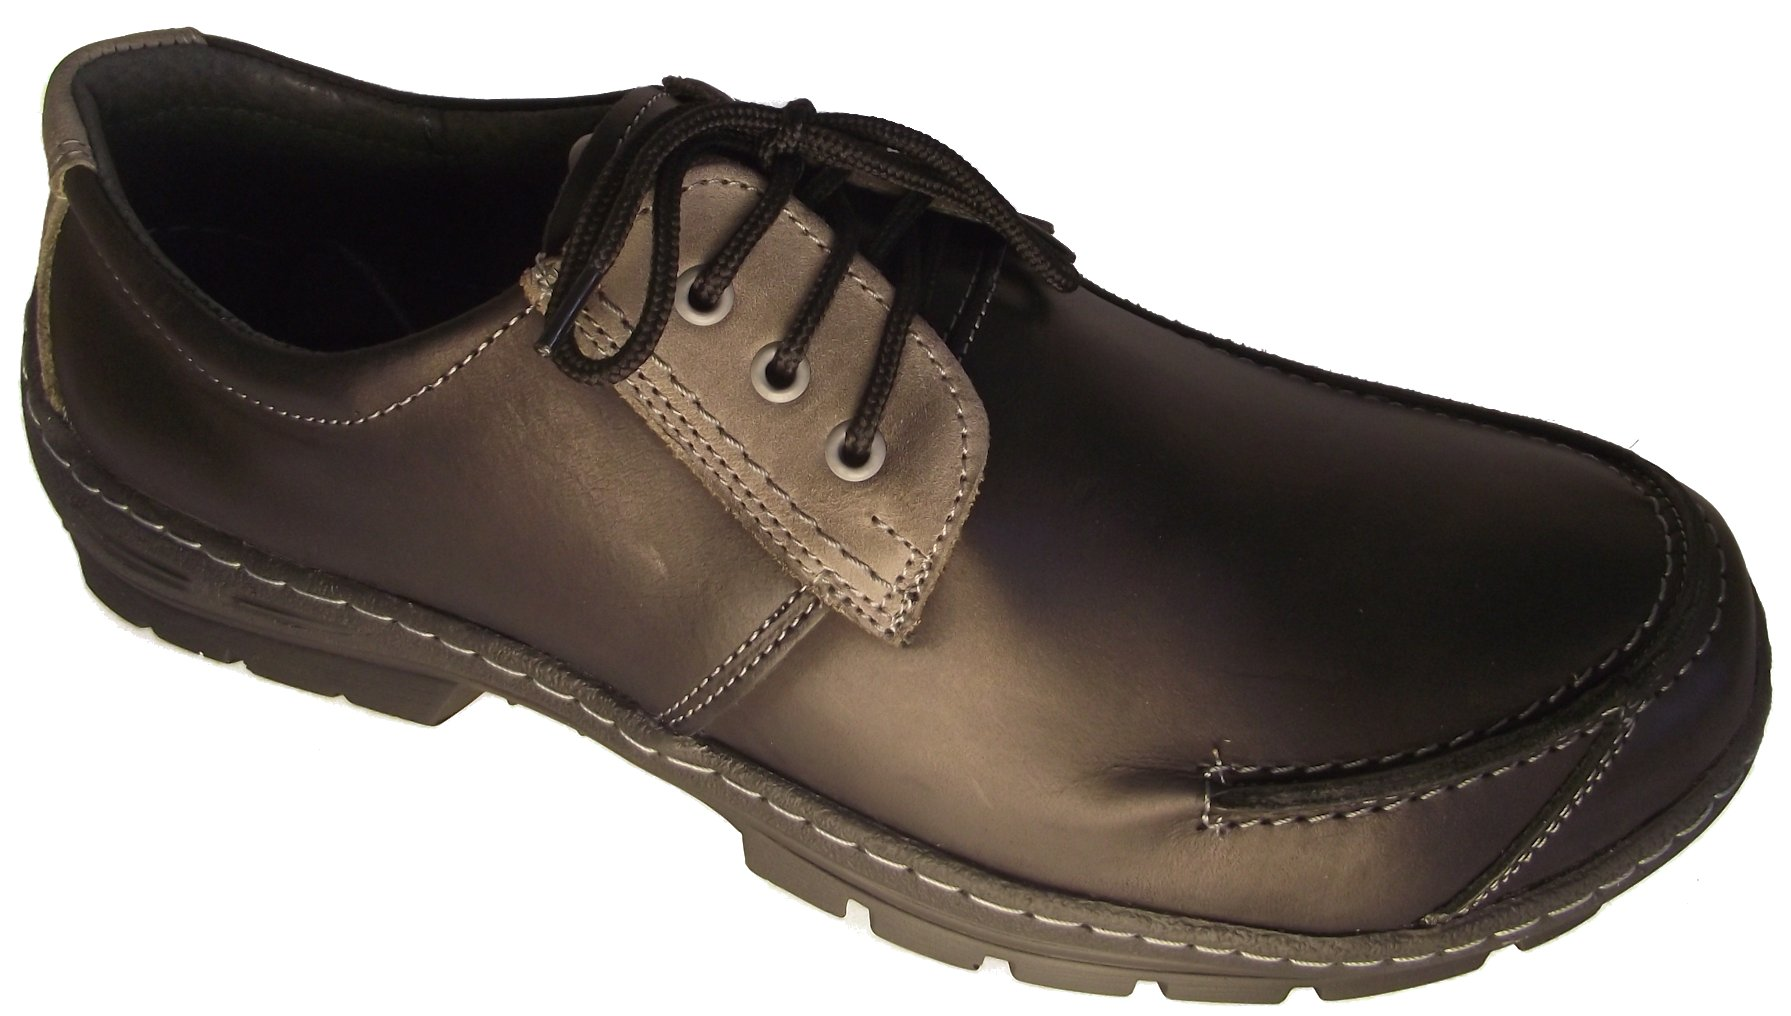 Pánská vycházková obuv NES 4076 Velikost: 41 (EU)